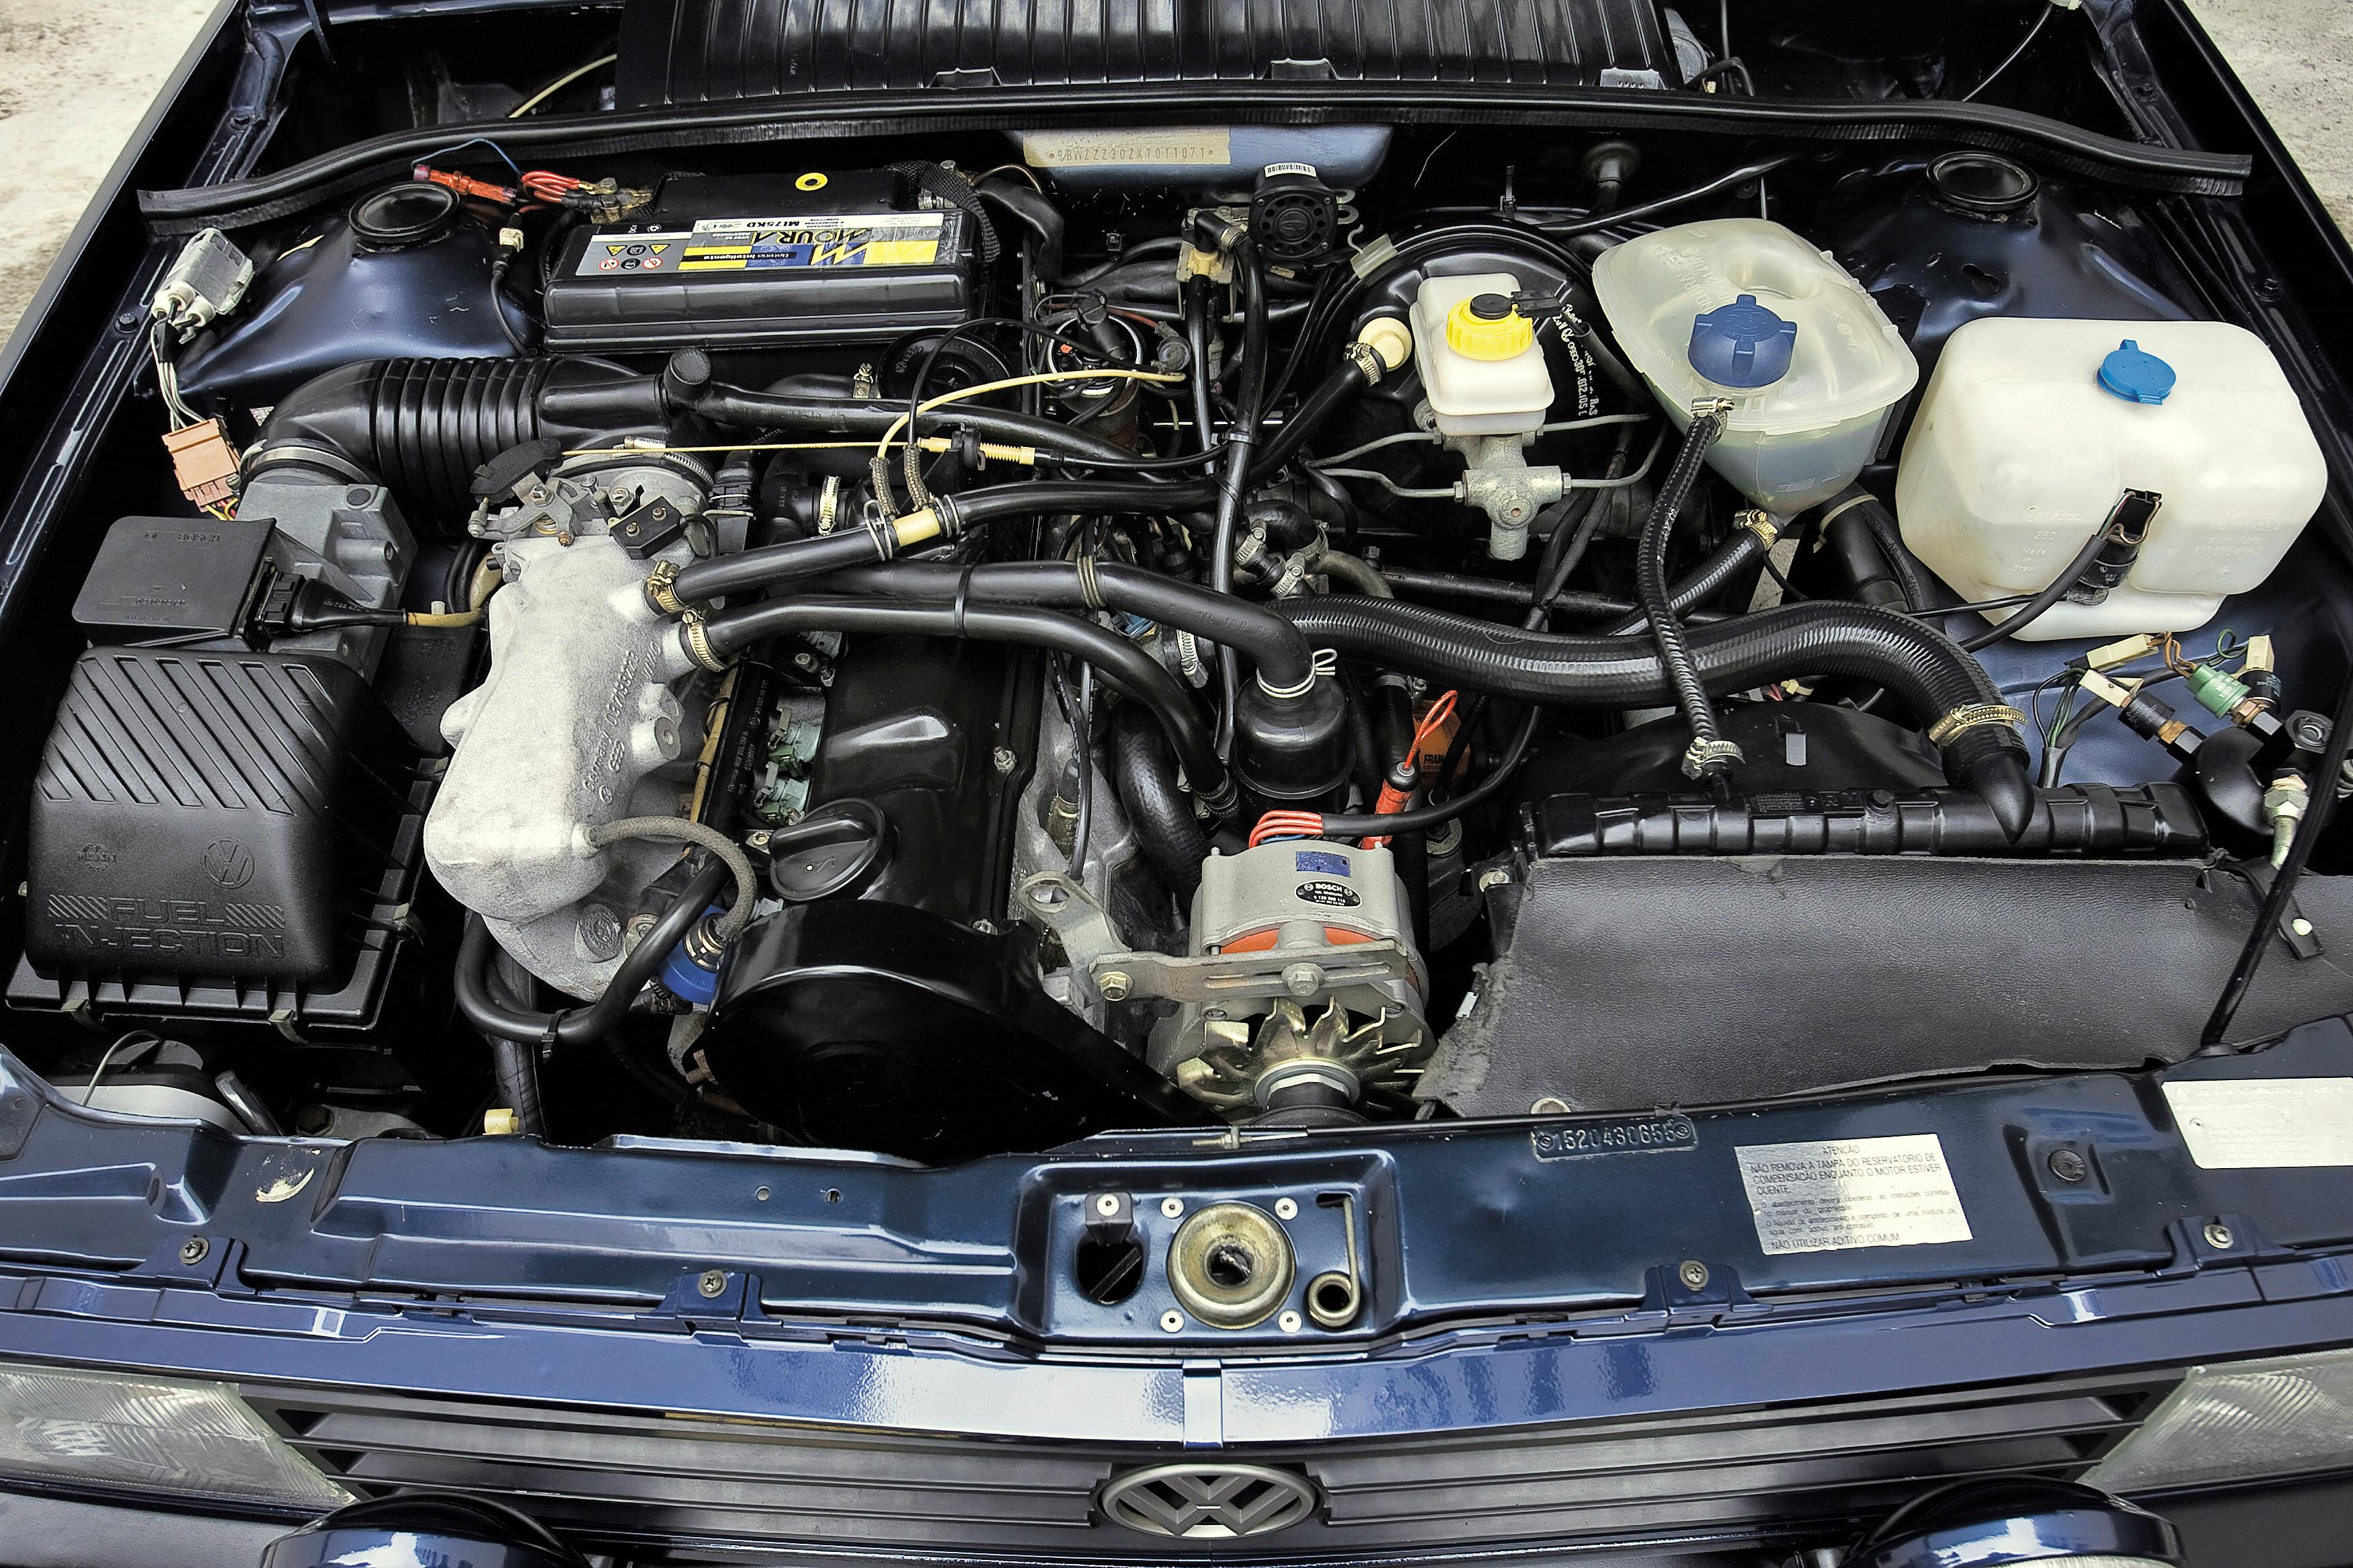 Com injeção, o motor 2.0 rendia 120 cv e compensava a aerodinâmica deficiente